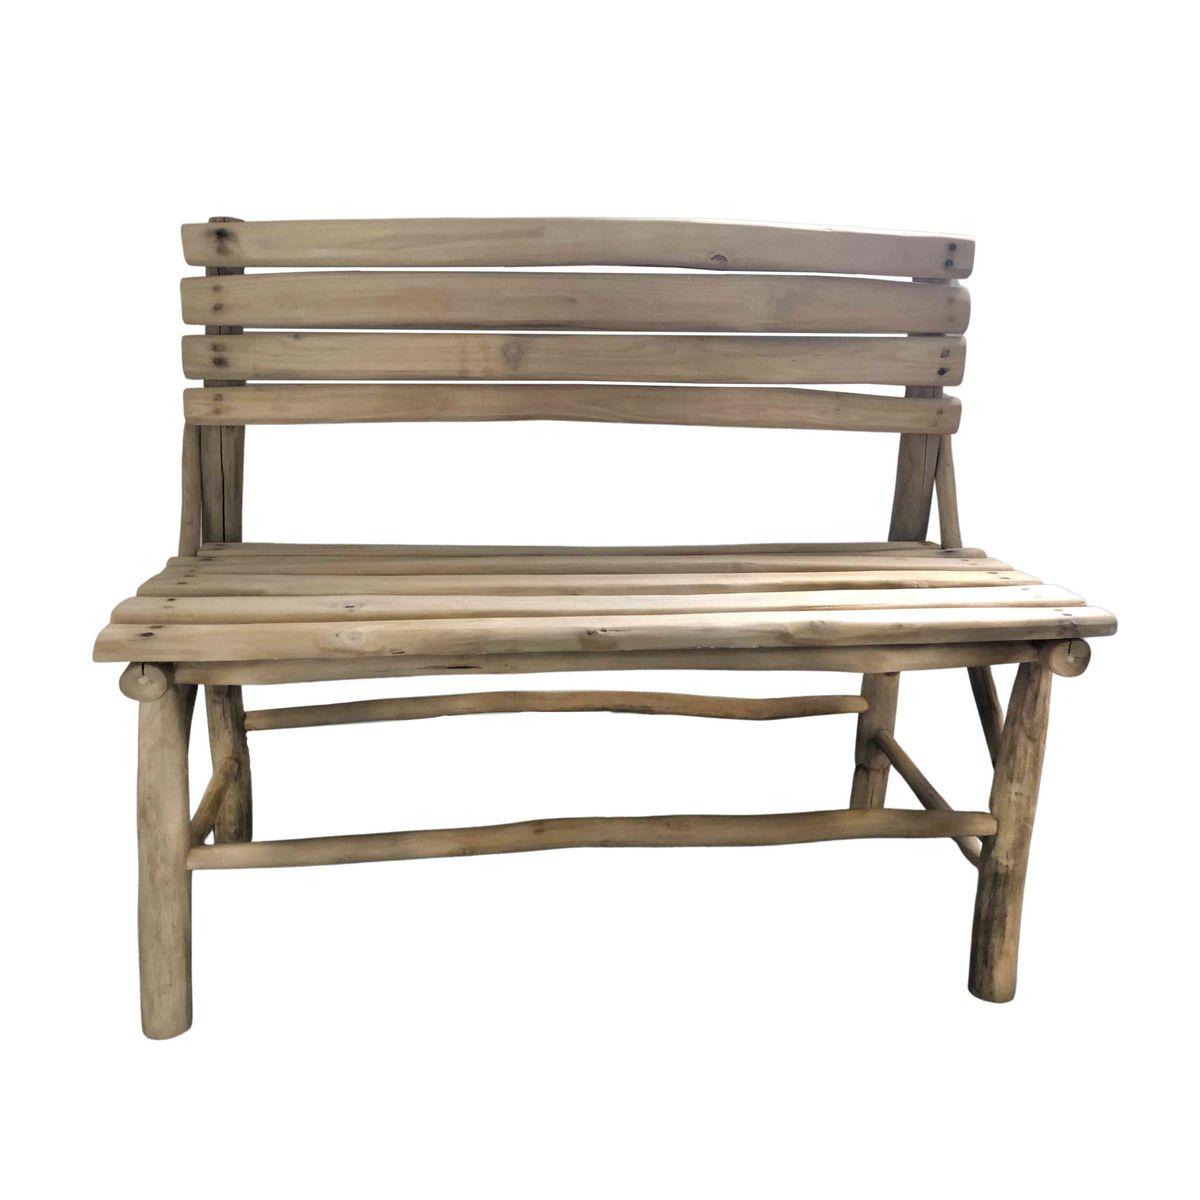 Banc en bois de teck et jonc de mer bois clair